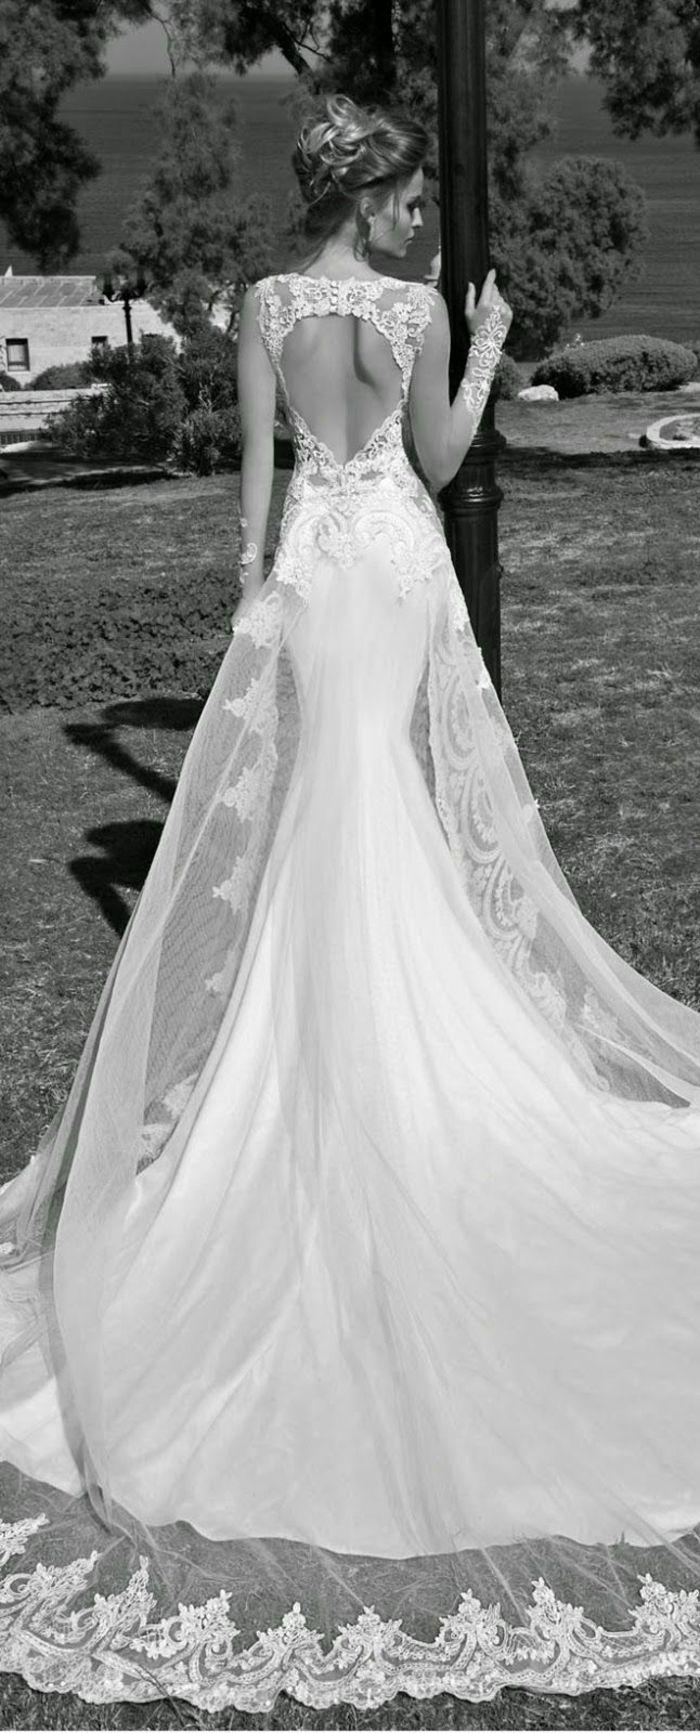 Rückenfreie Hochzeitskleider liegen voll im Trend – Sophie